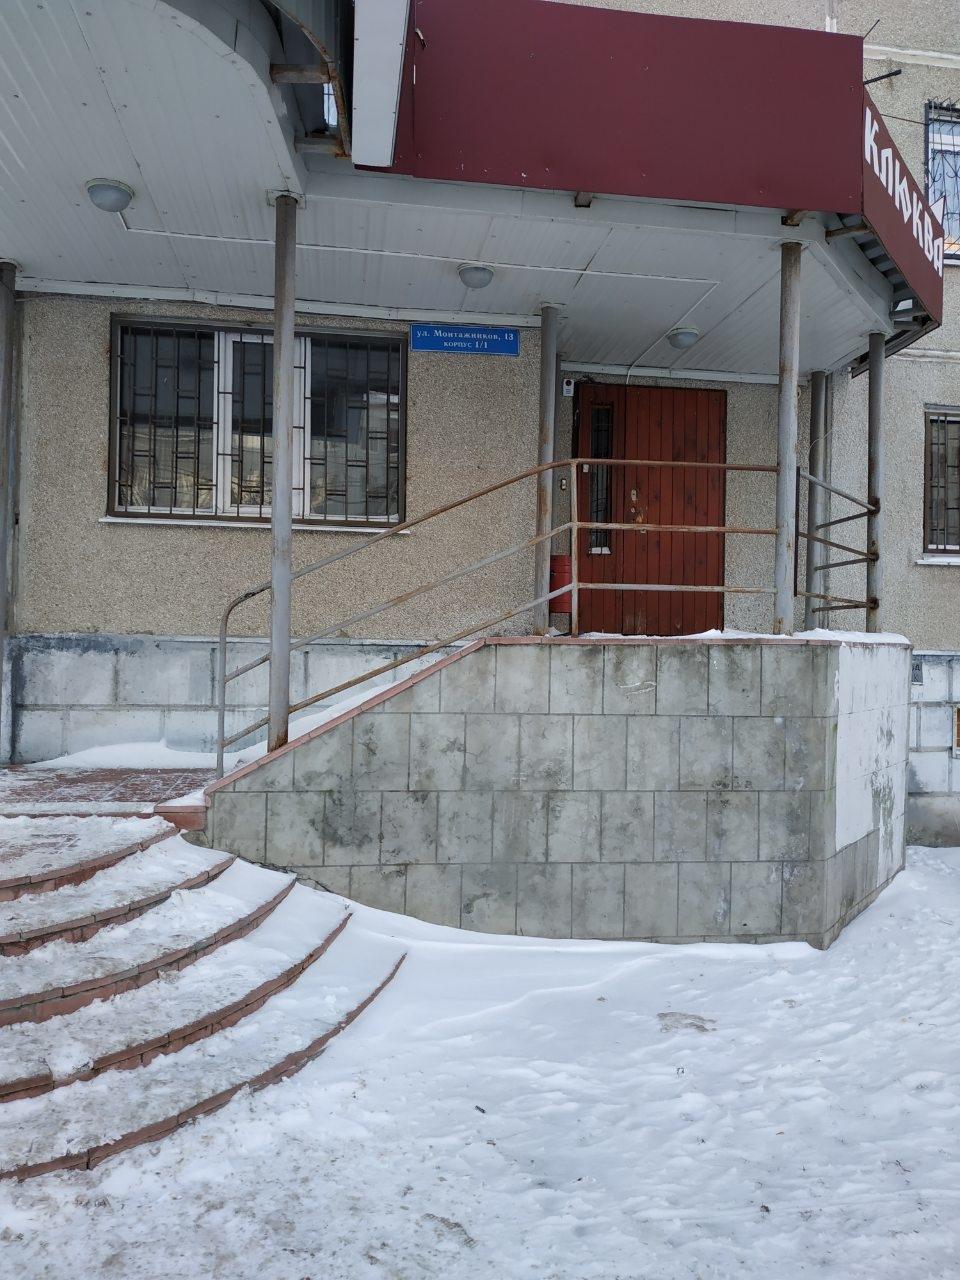 Тюменская область, Тюмень, ул. Монтажников, 13 к.1